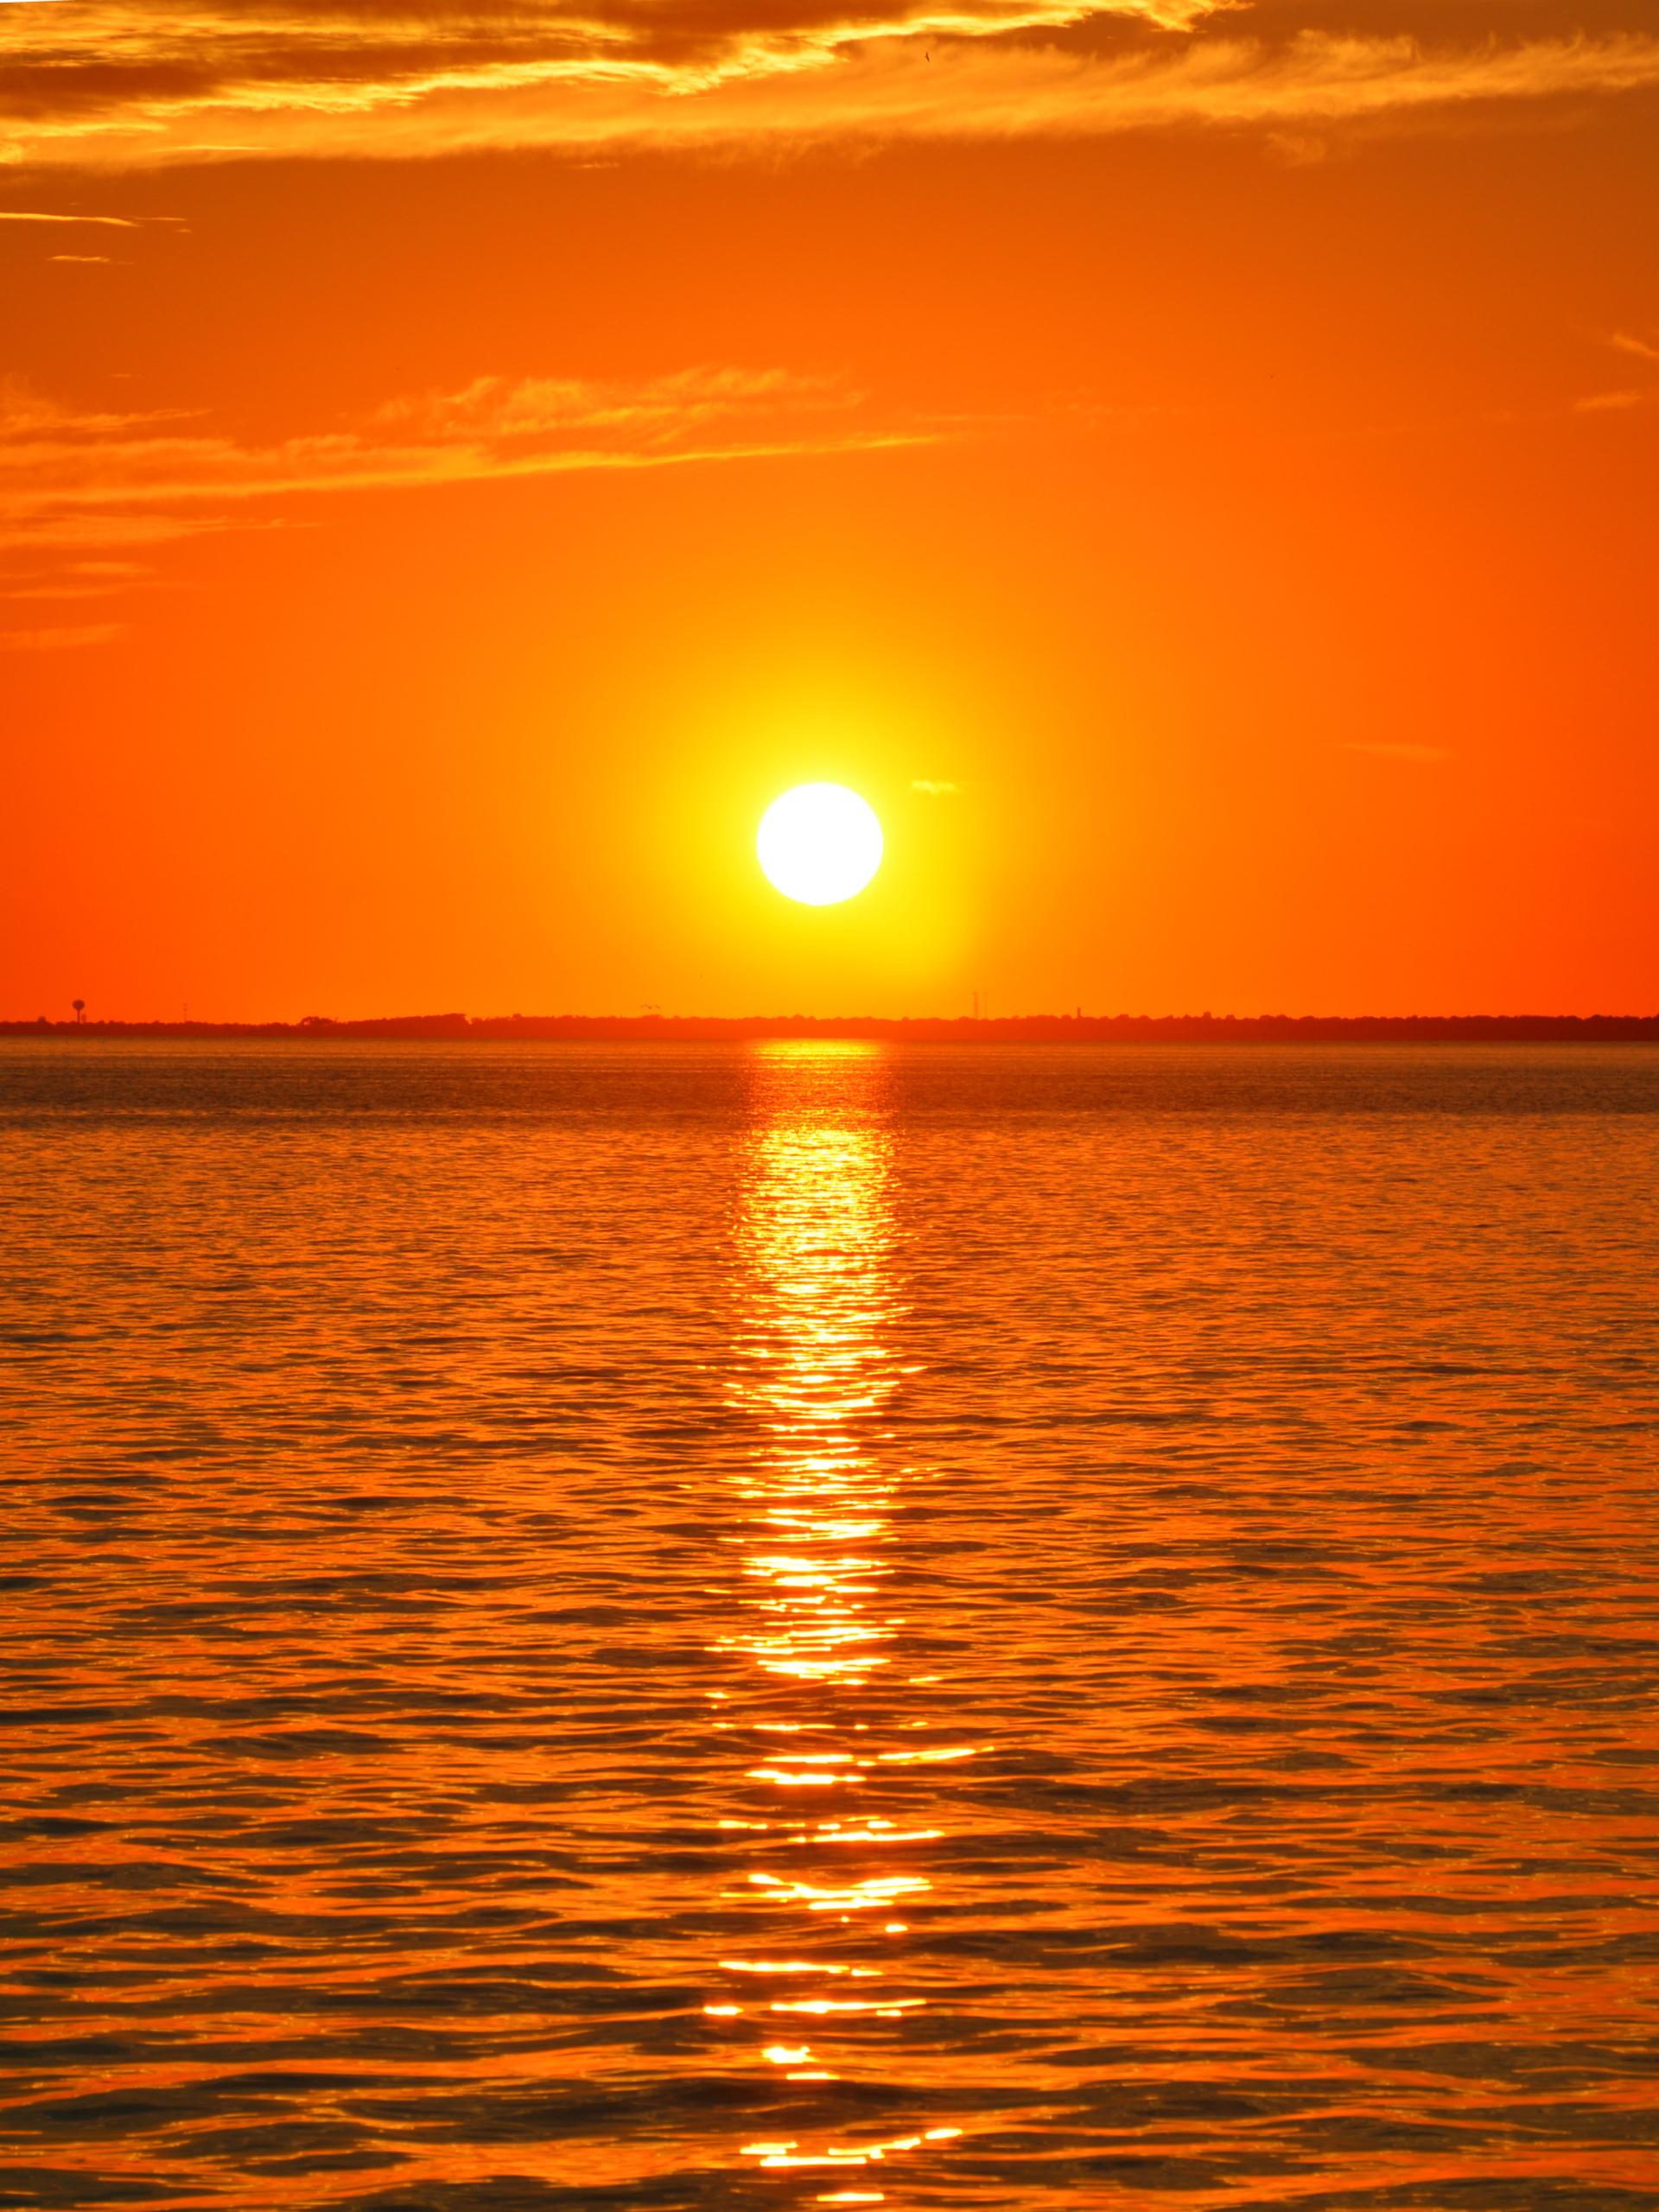 Dramatic sky over sea | sunset, dusk, nature, nobody